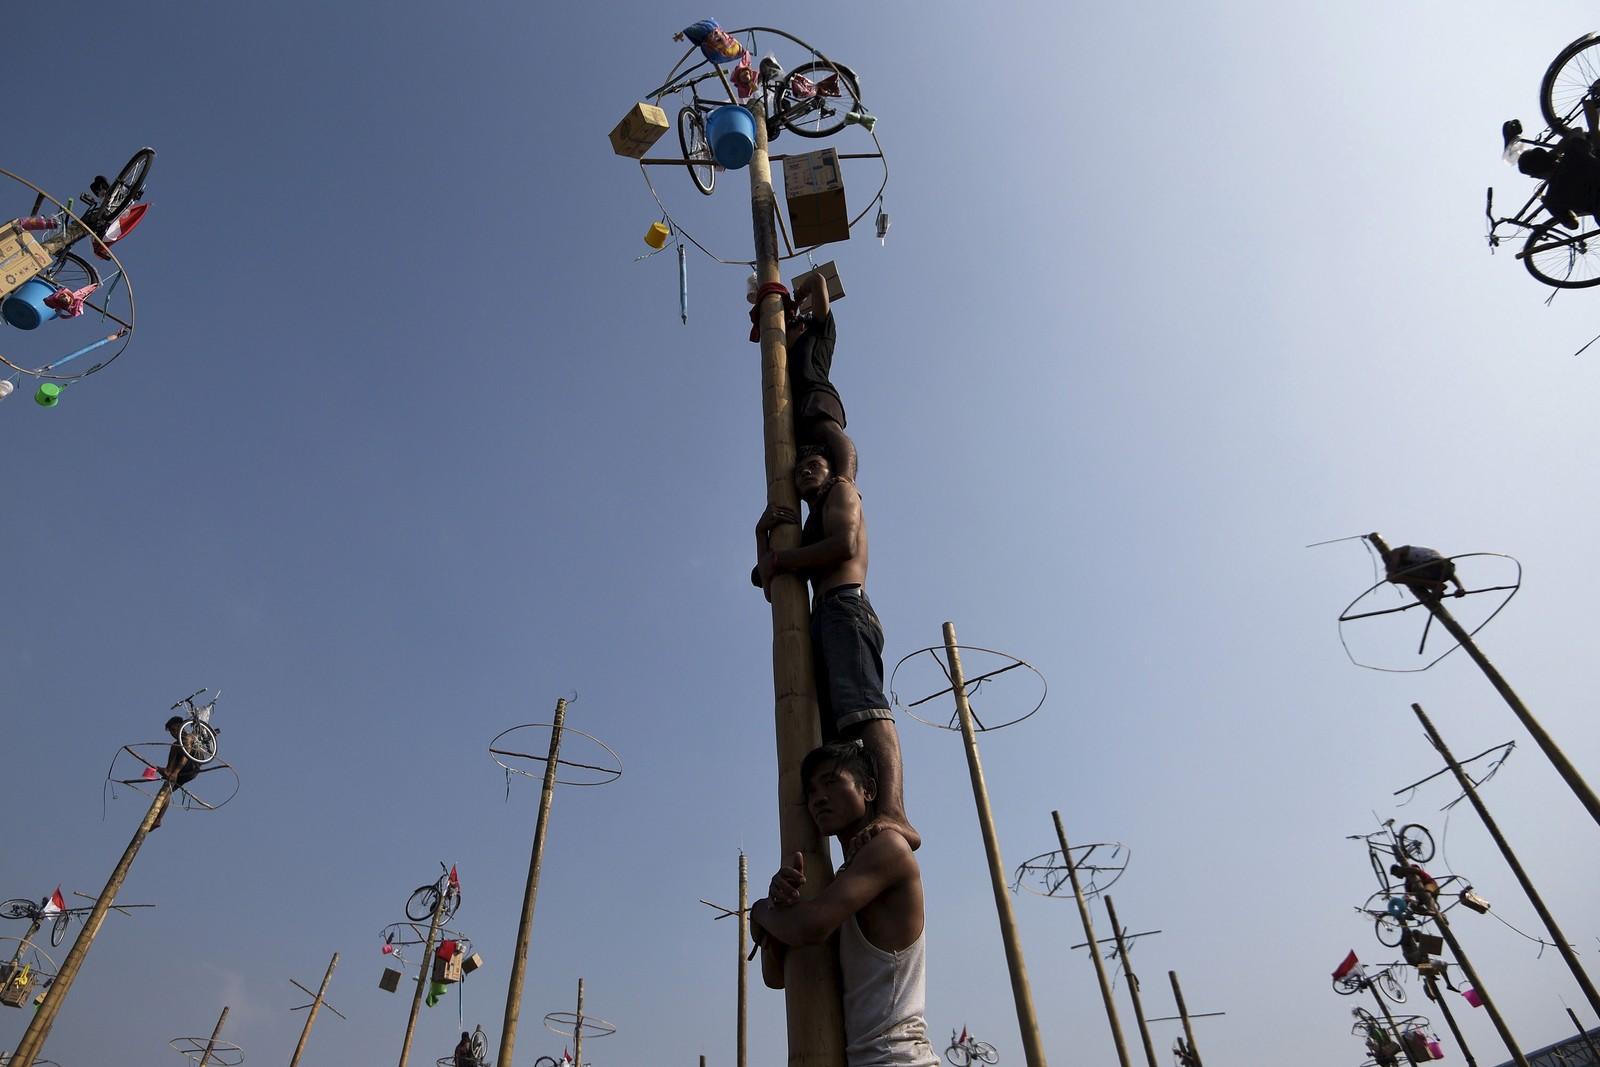 Indonesia feiret også 70 år med uavhengighet med spektakulære hendelser, som da disse mennene prøvde å klatre opp oljeglatte påler i Jakarta.